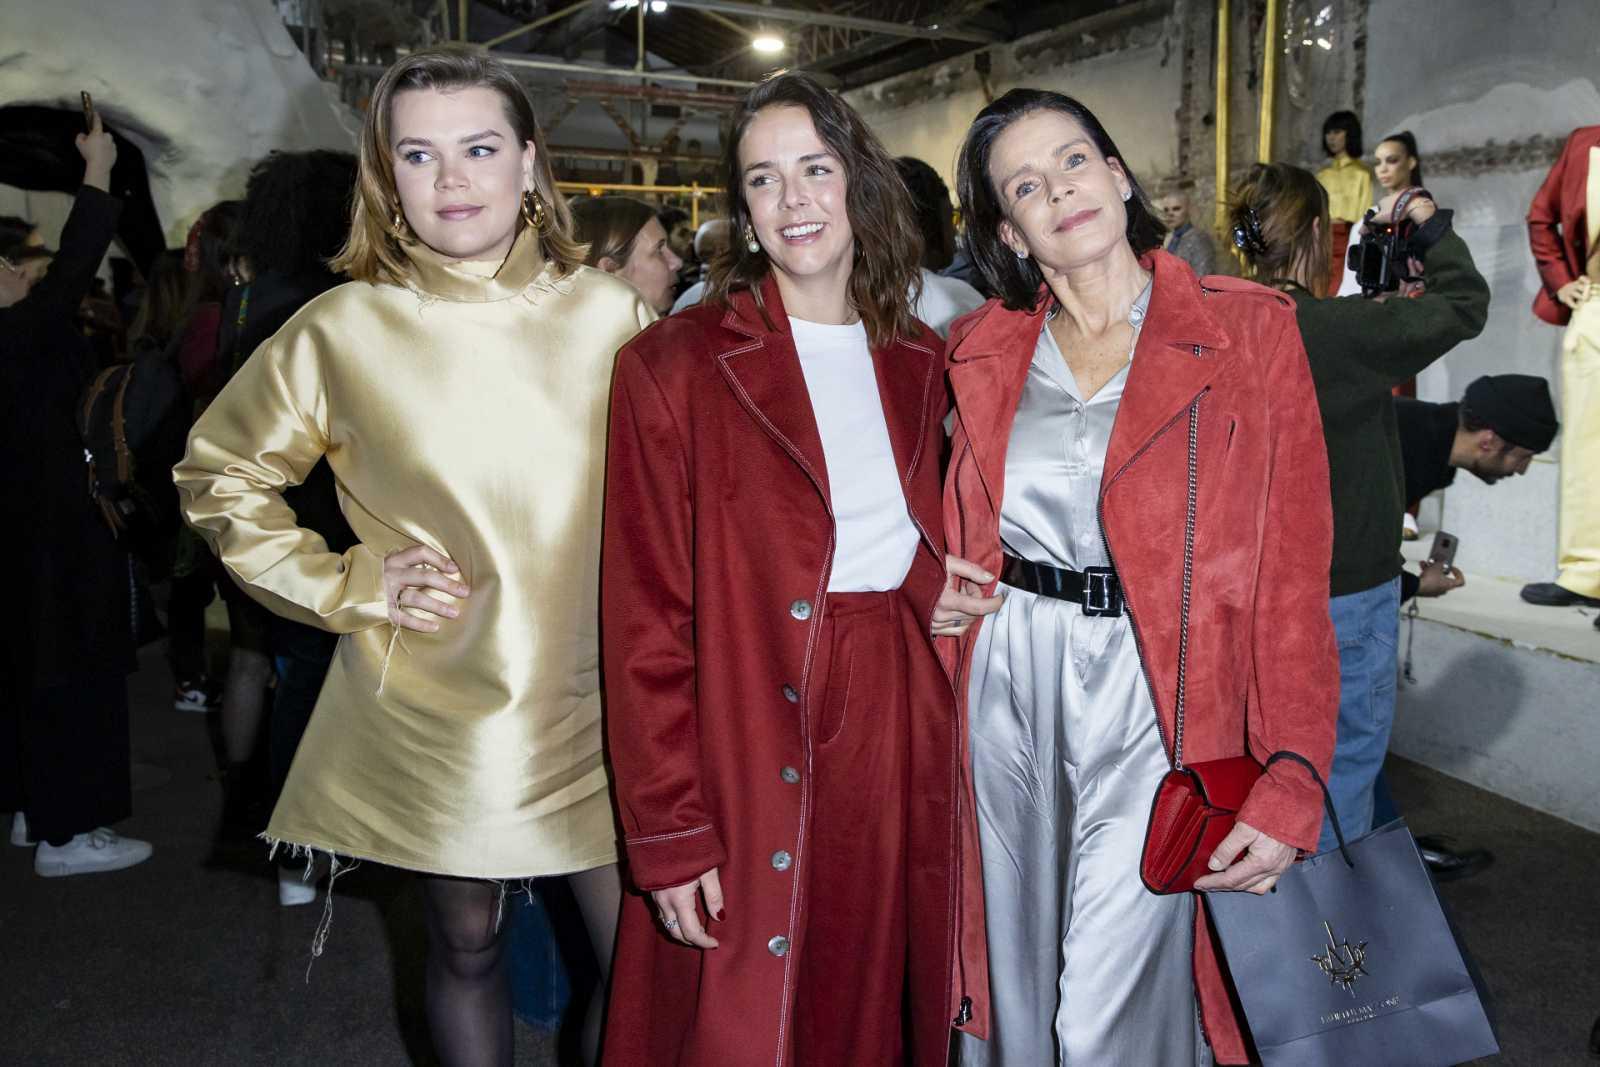 Estefanía de Mónaco y sus hijas vestidas con los diseños de una de ellas, Pauline Ducruet en su desfile dentro de la Semana de la moda de París